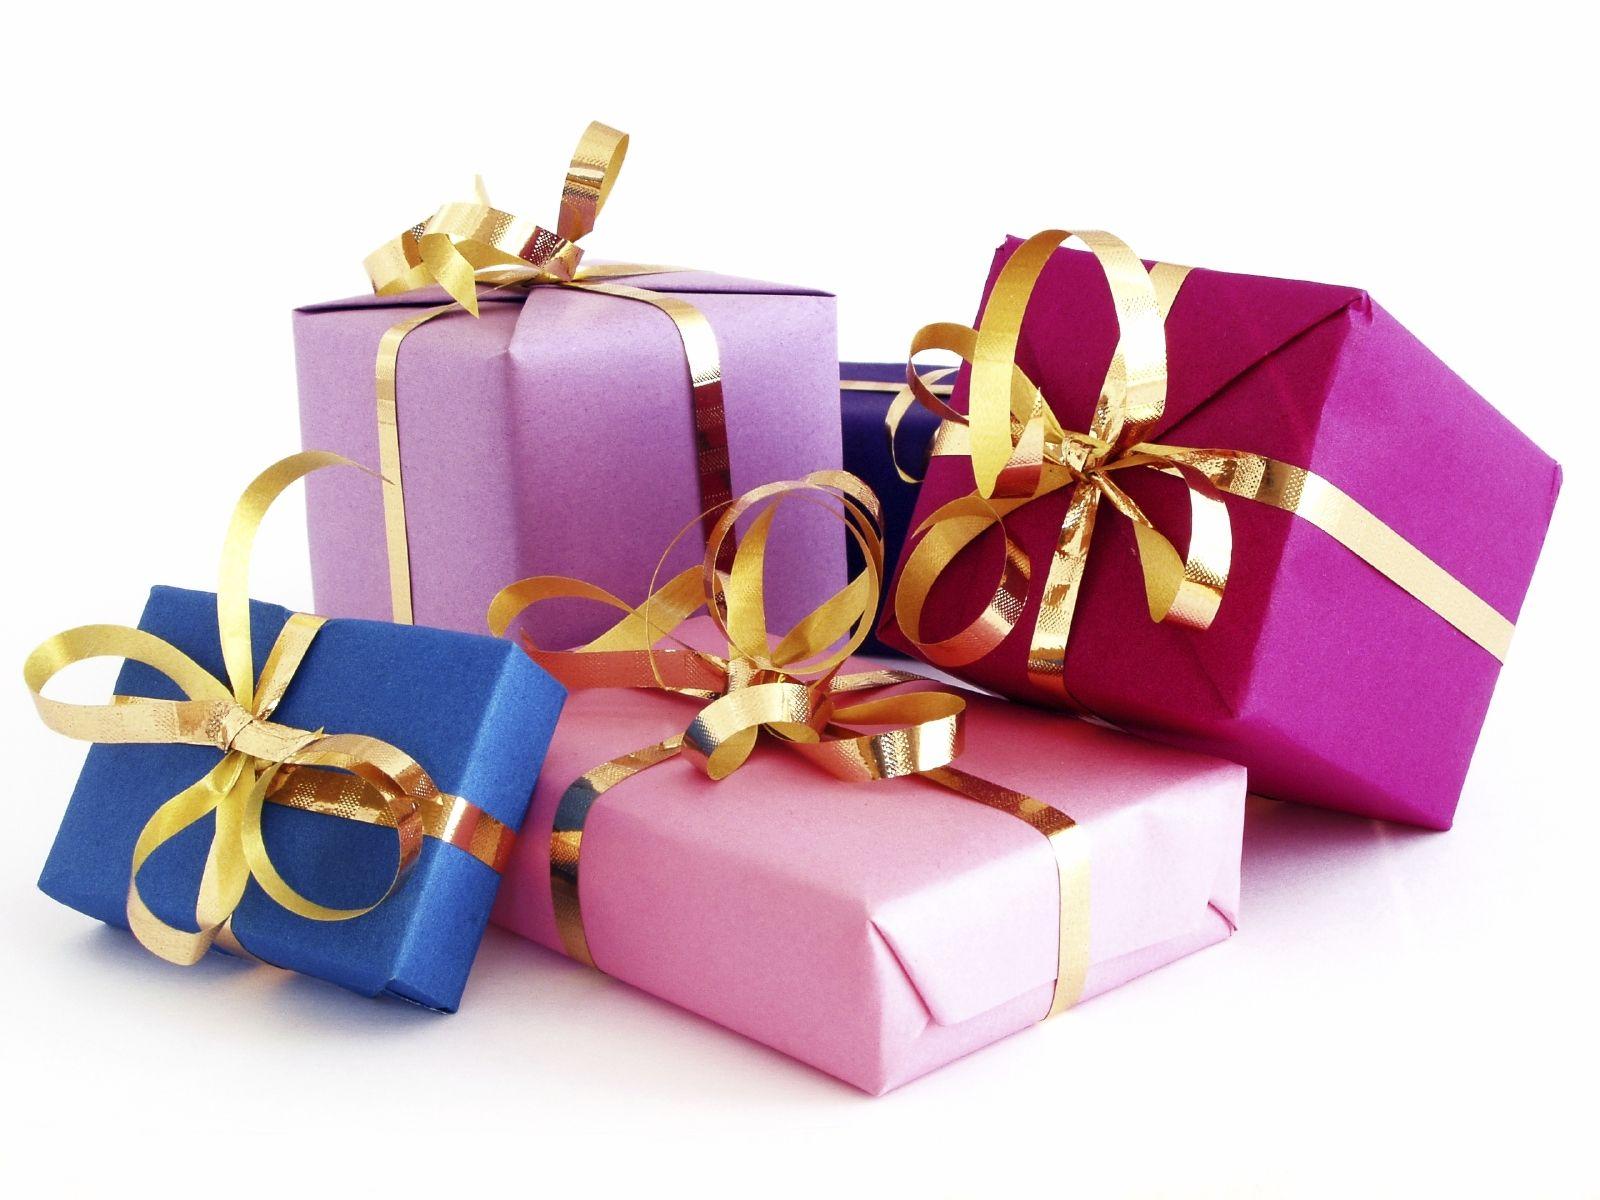 Regali Di Natale Per Maestre Elementari.Regolarita E Trasparenza Nella Scuola R T S Fare Il Dono Di